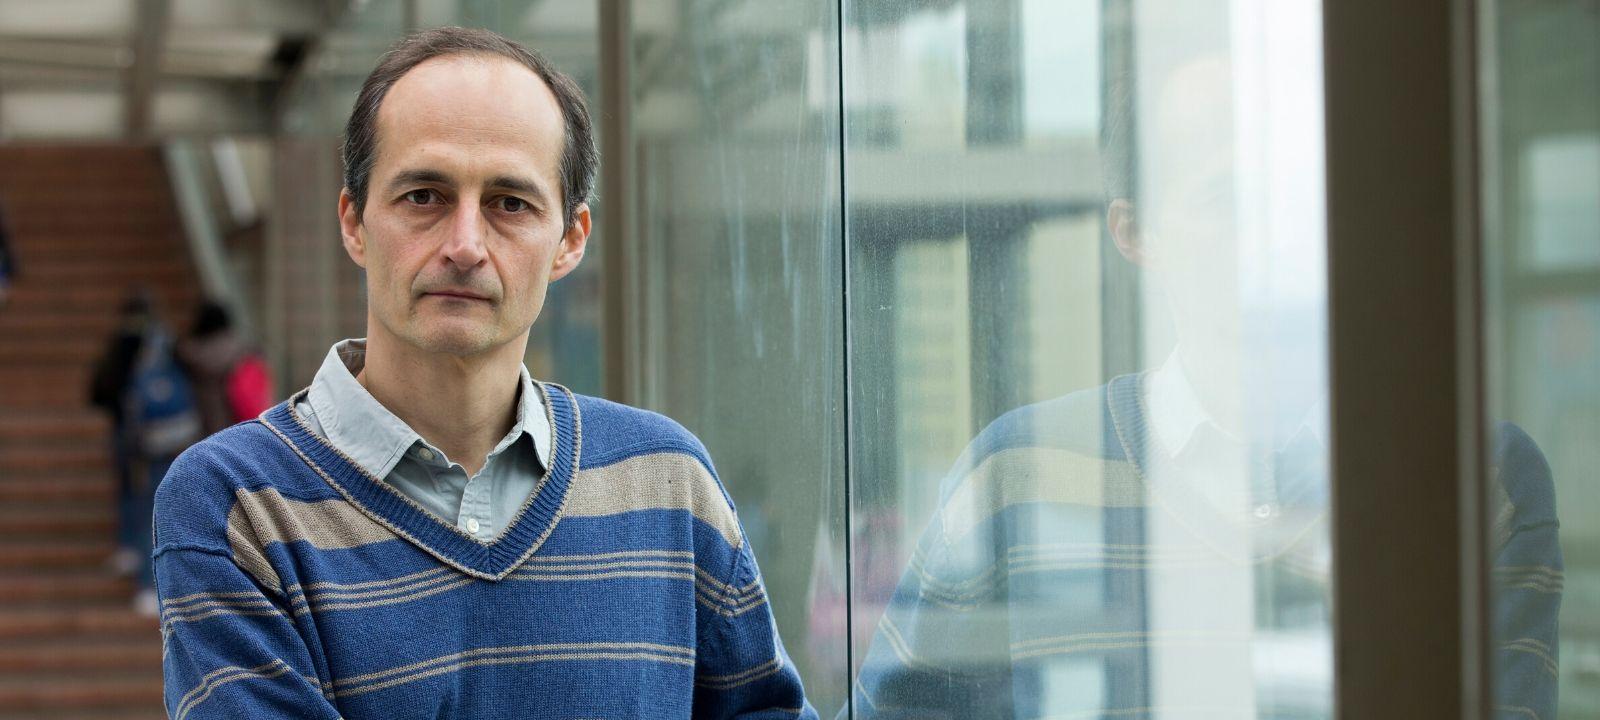 Pablo Arbeláez participará en CVPR 2020, la mayor conferencia mundial de visión por computador